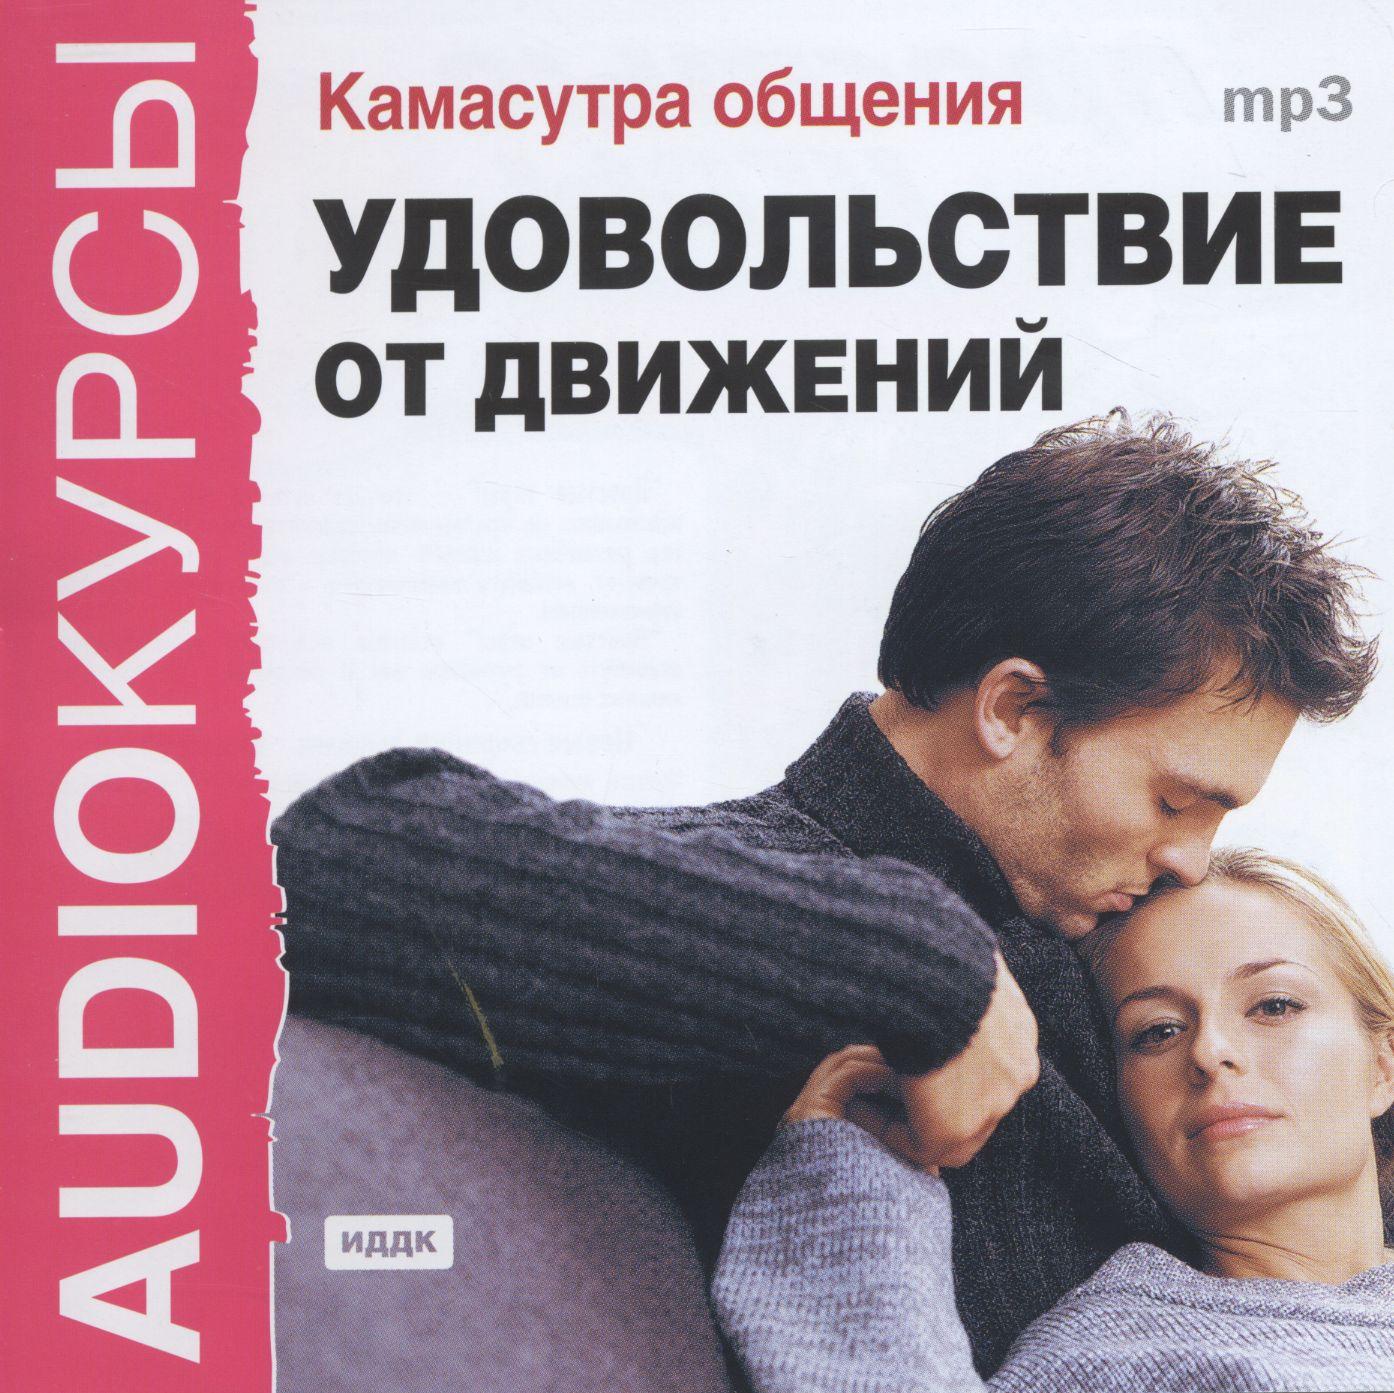 Аудиокнига как общаться с девушкой